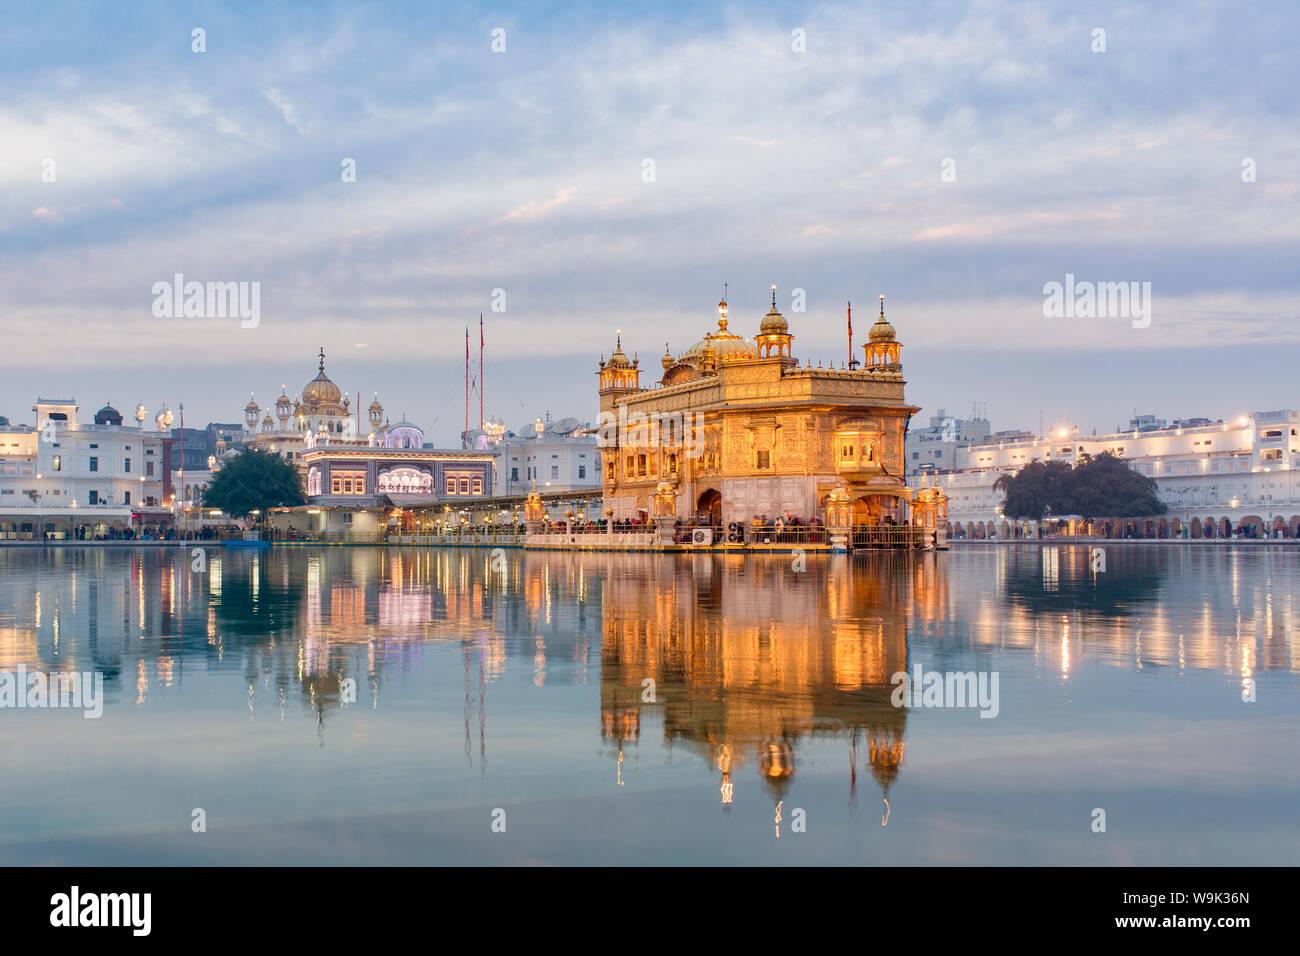 Le Temple d'Or (Harmandir Sahib) et Amrit Sarovar (bassin de nectar) (Lac de nectar), éclairé au crépuscule, Amritsar, Punjab, en Inde, en Asie Banque D'Images